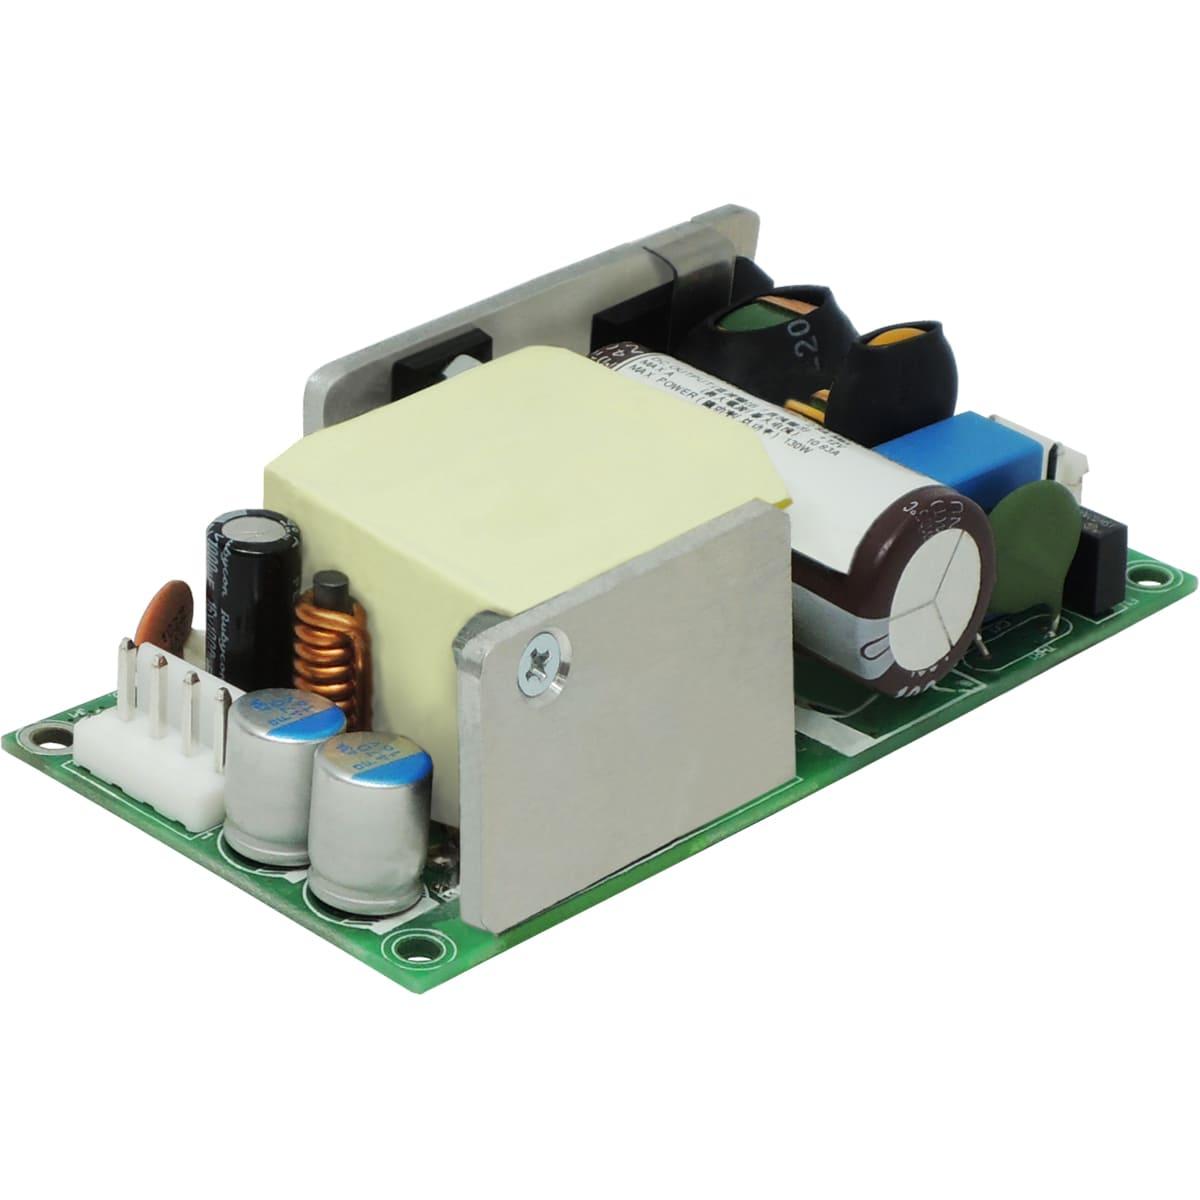 TN14-0130-XX PoE power supply